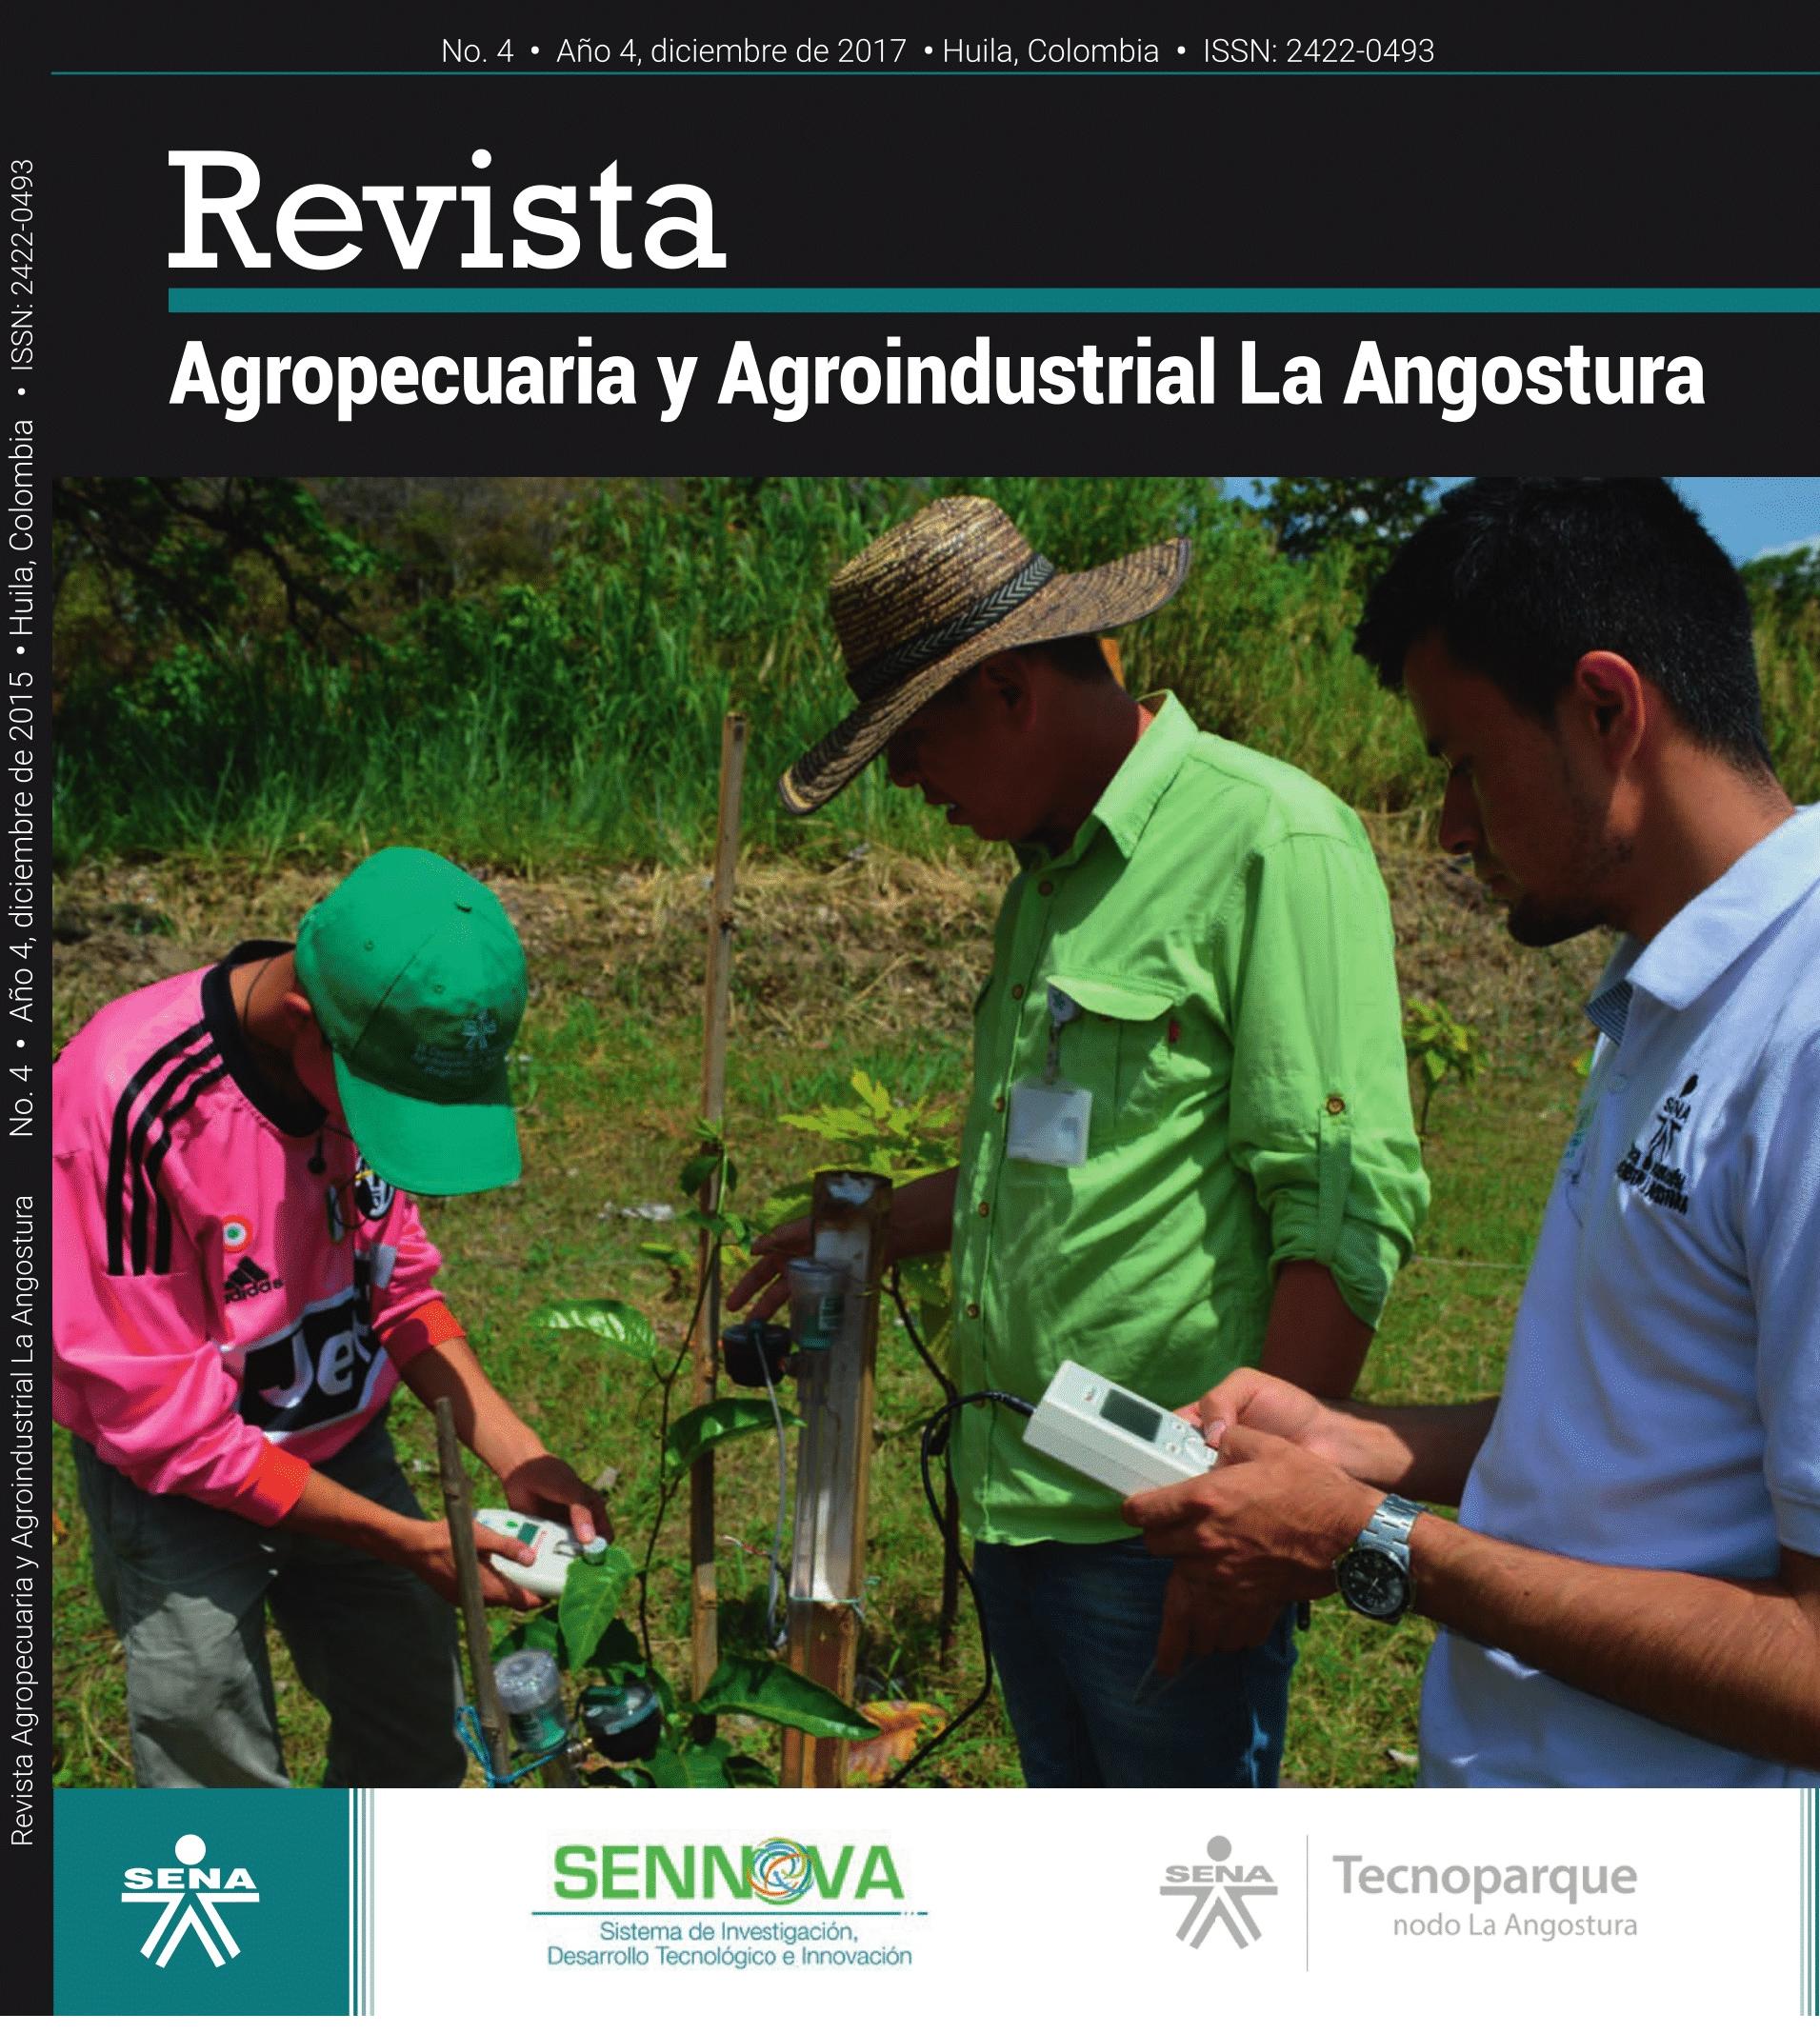 La revista Agropecuaria y Agroindustrial La Angostura se propone divulgar la labor que en el campo de la investigación aplicada, el desarrollo tecnológico y la innovación, nuestra institución realiza con proverbial consagración. De manera silenciosa, in